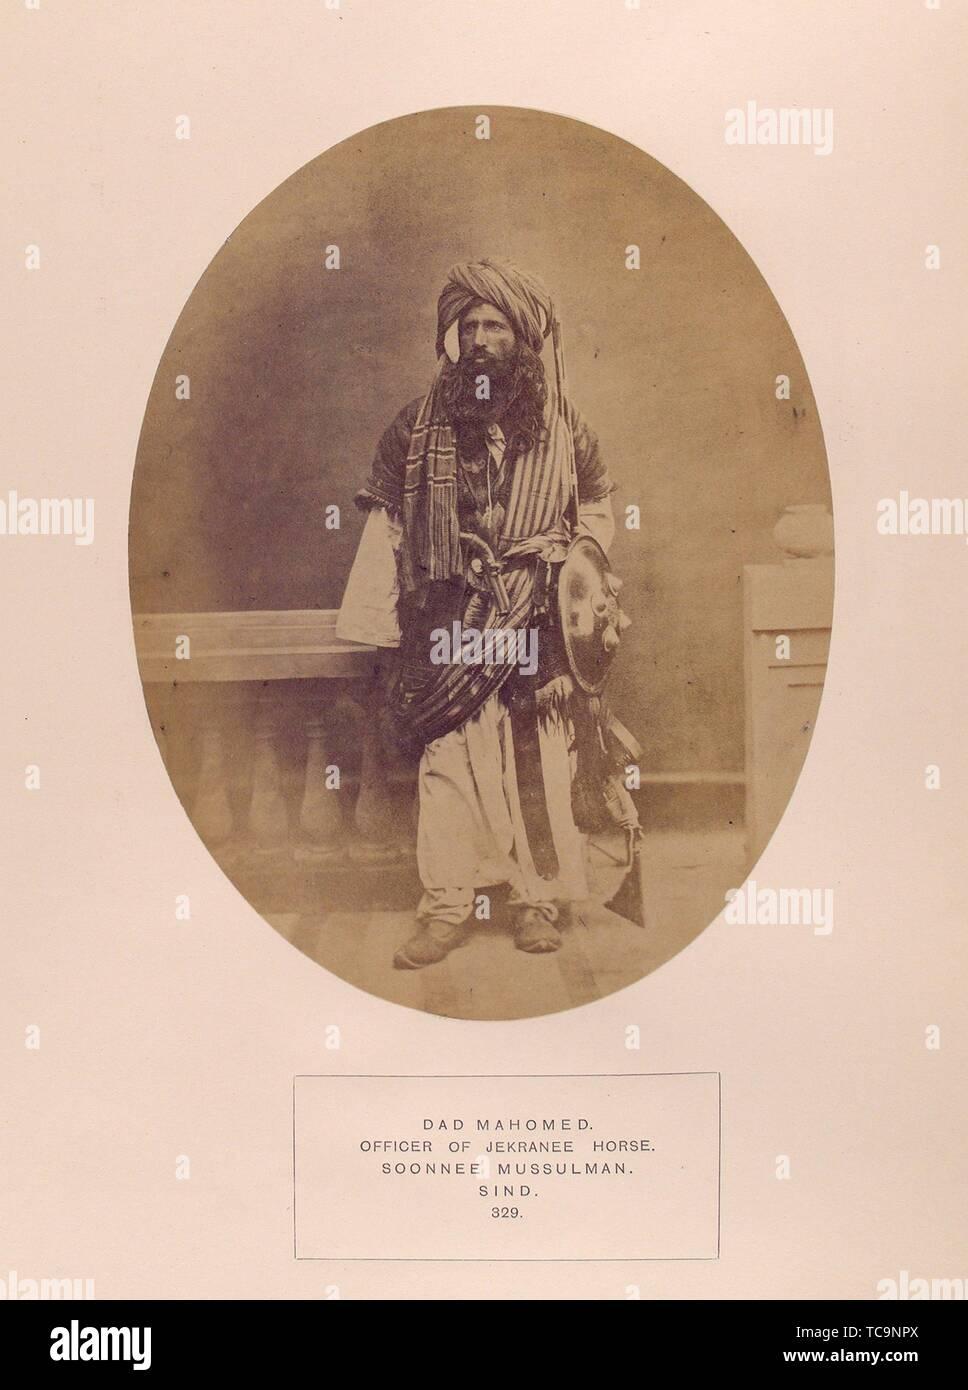 Papà Mahomed, ufficiale del cavallo Jekranee, Soonnee Mussulman, Sind. Il popolo dell India. Data di pubblicazione: 1868 - 1875 Luogo: Londra Editore: India museo. Immagini Stock